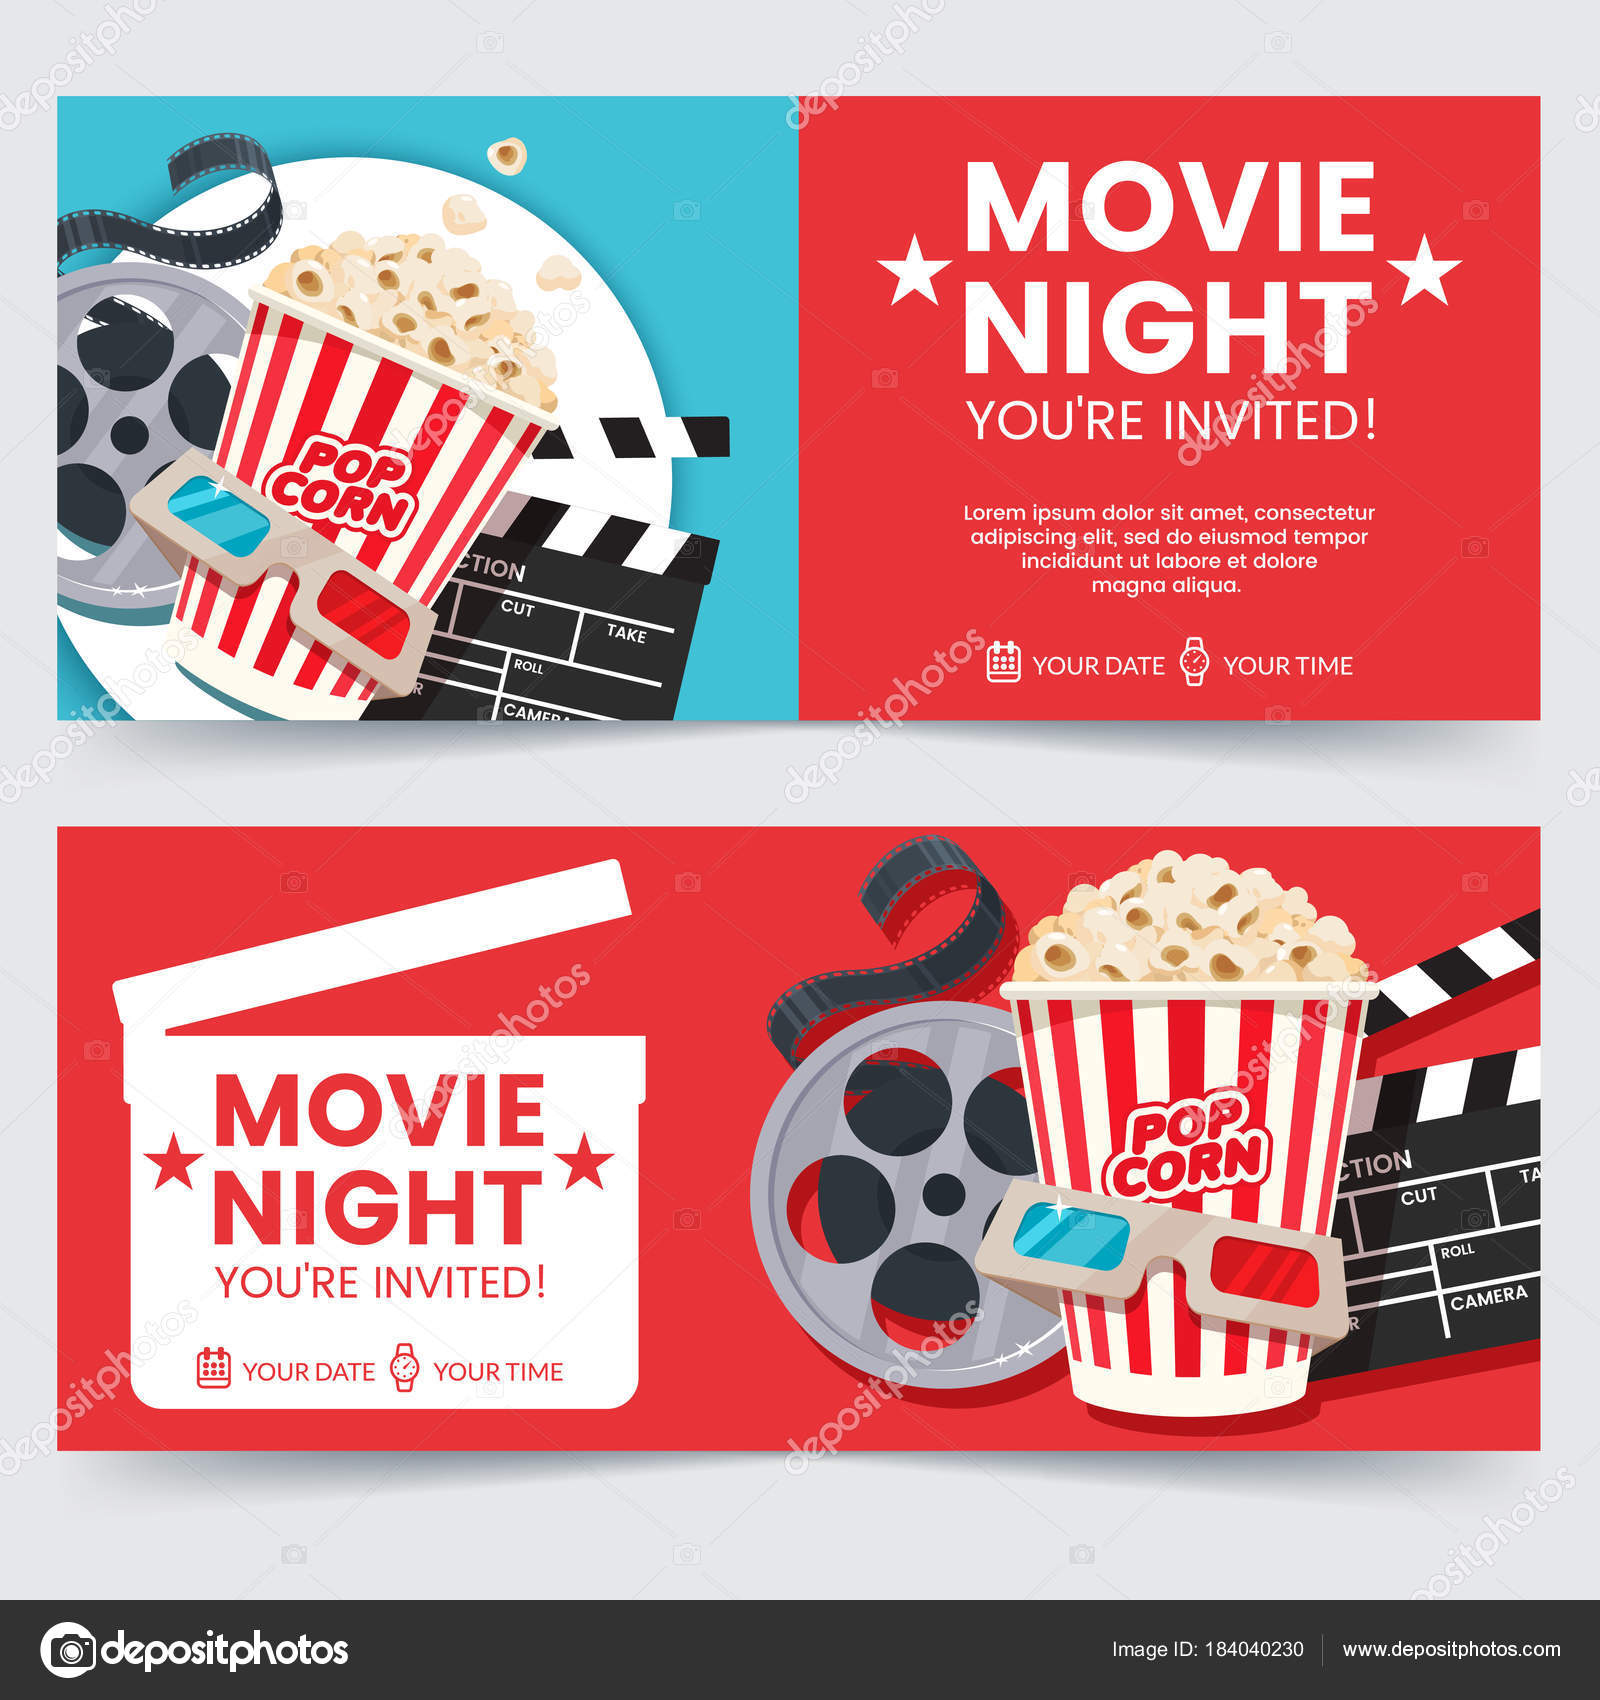 Kinokarten Designkonzept. Film-Nacht-Einladung. Kino-Plakat-Vorlage ...